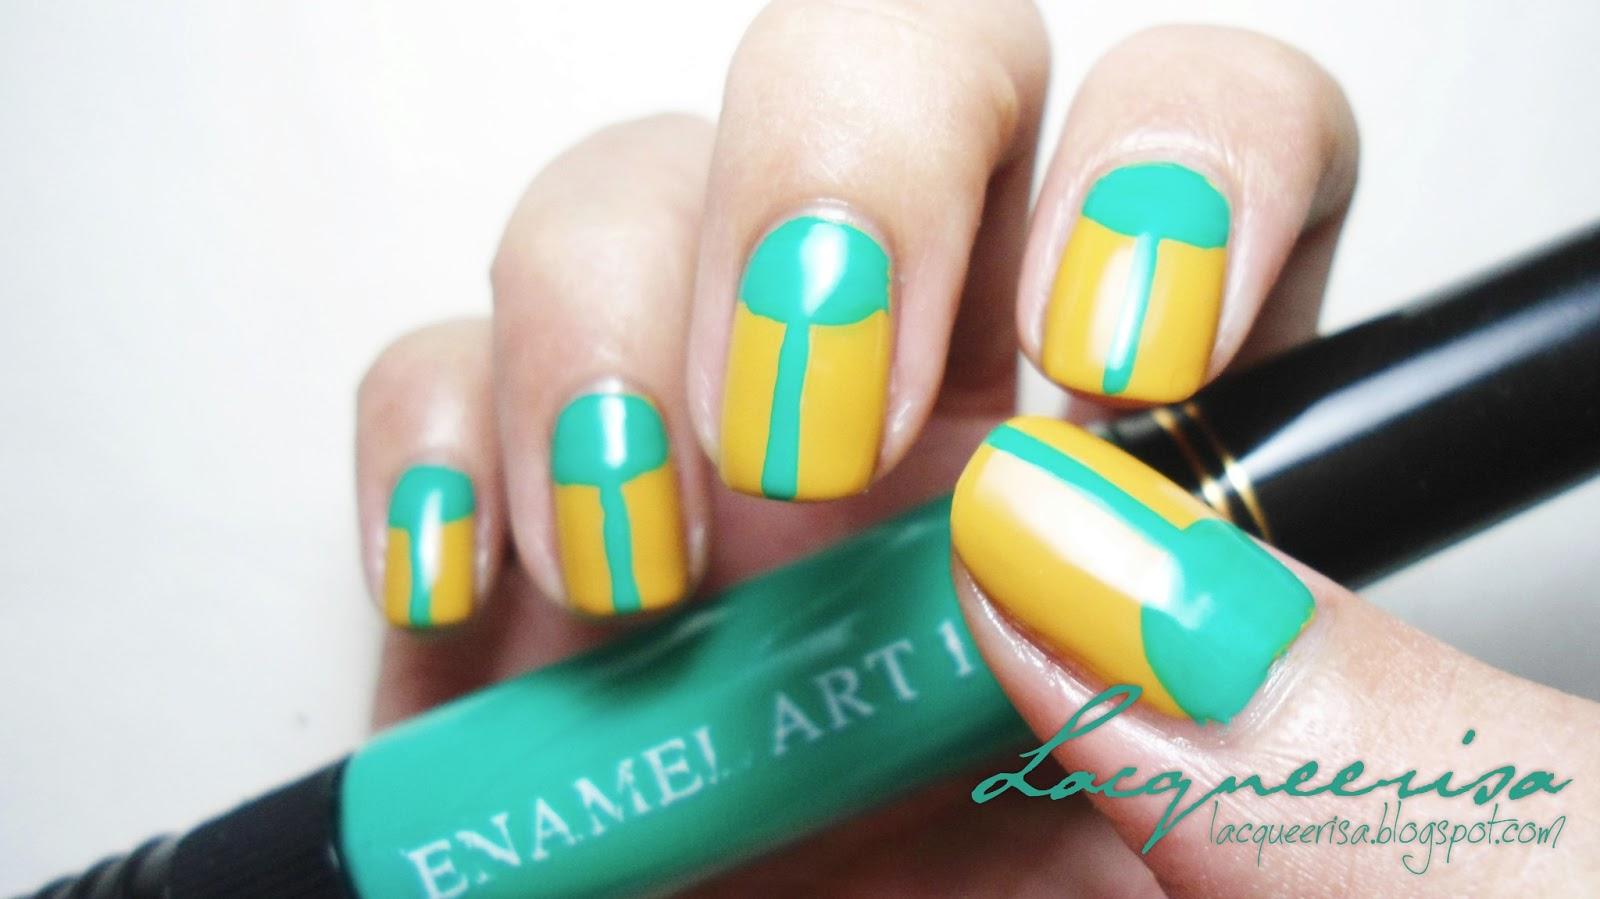 Nail Art Ideas » 2 Way Nail Art Pen And Brush - Pictures of Nail Art ...